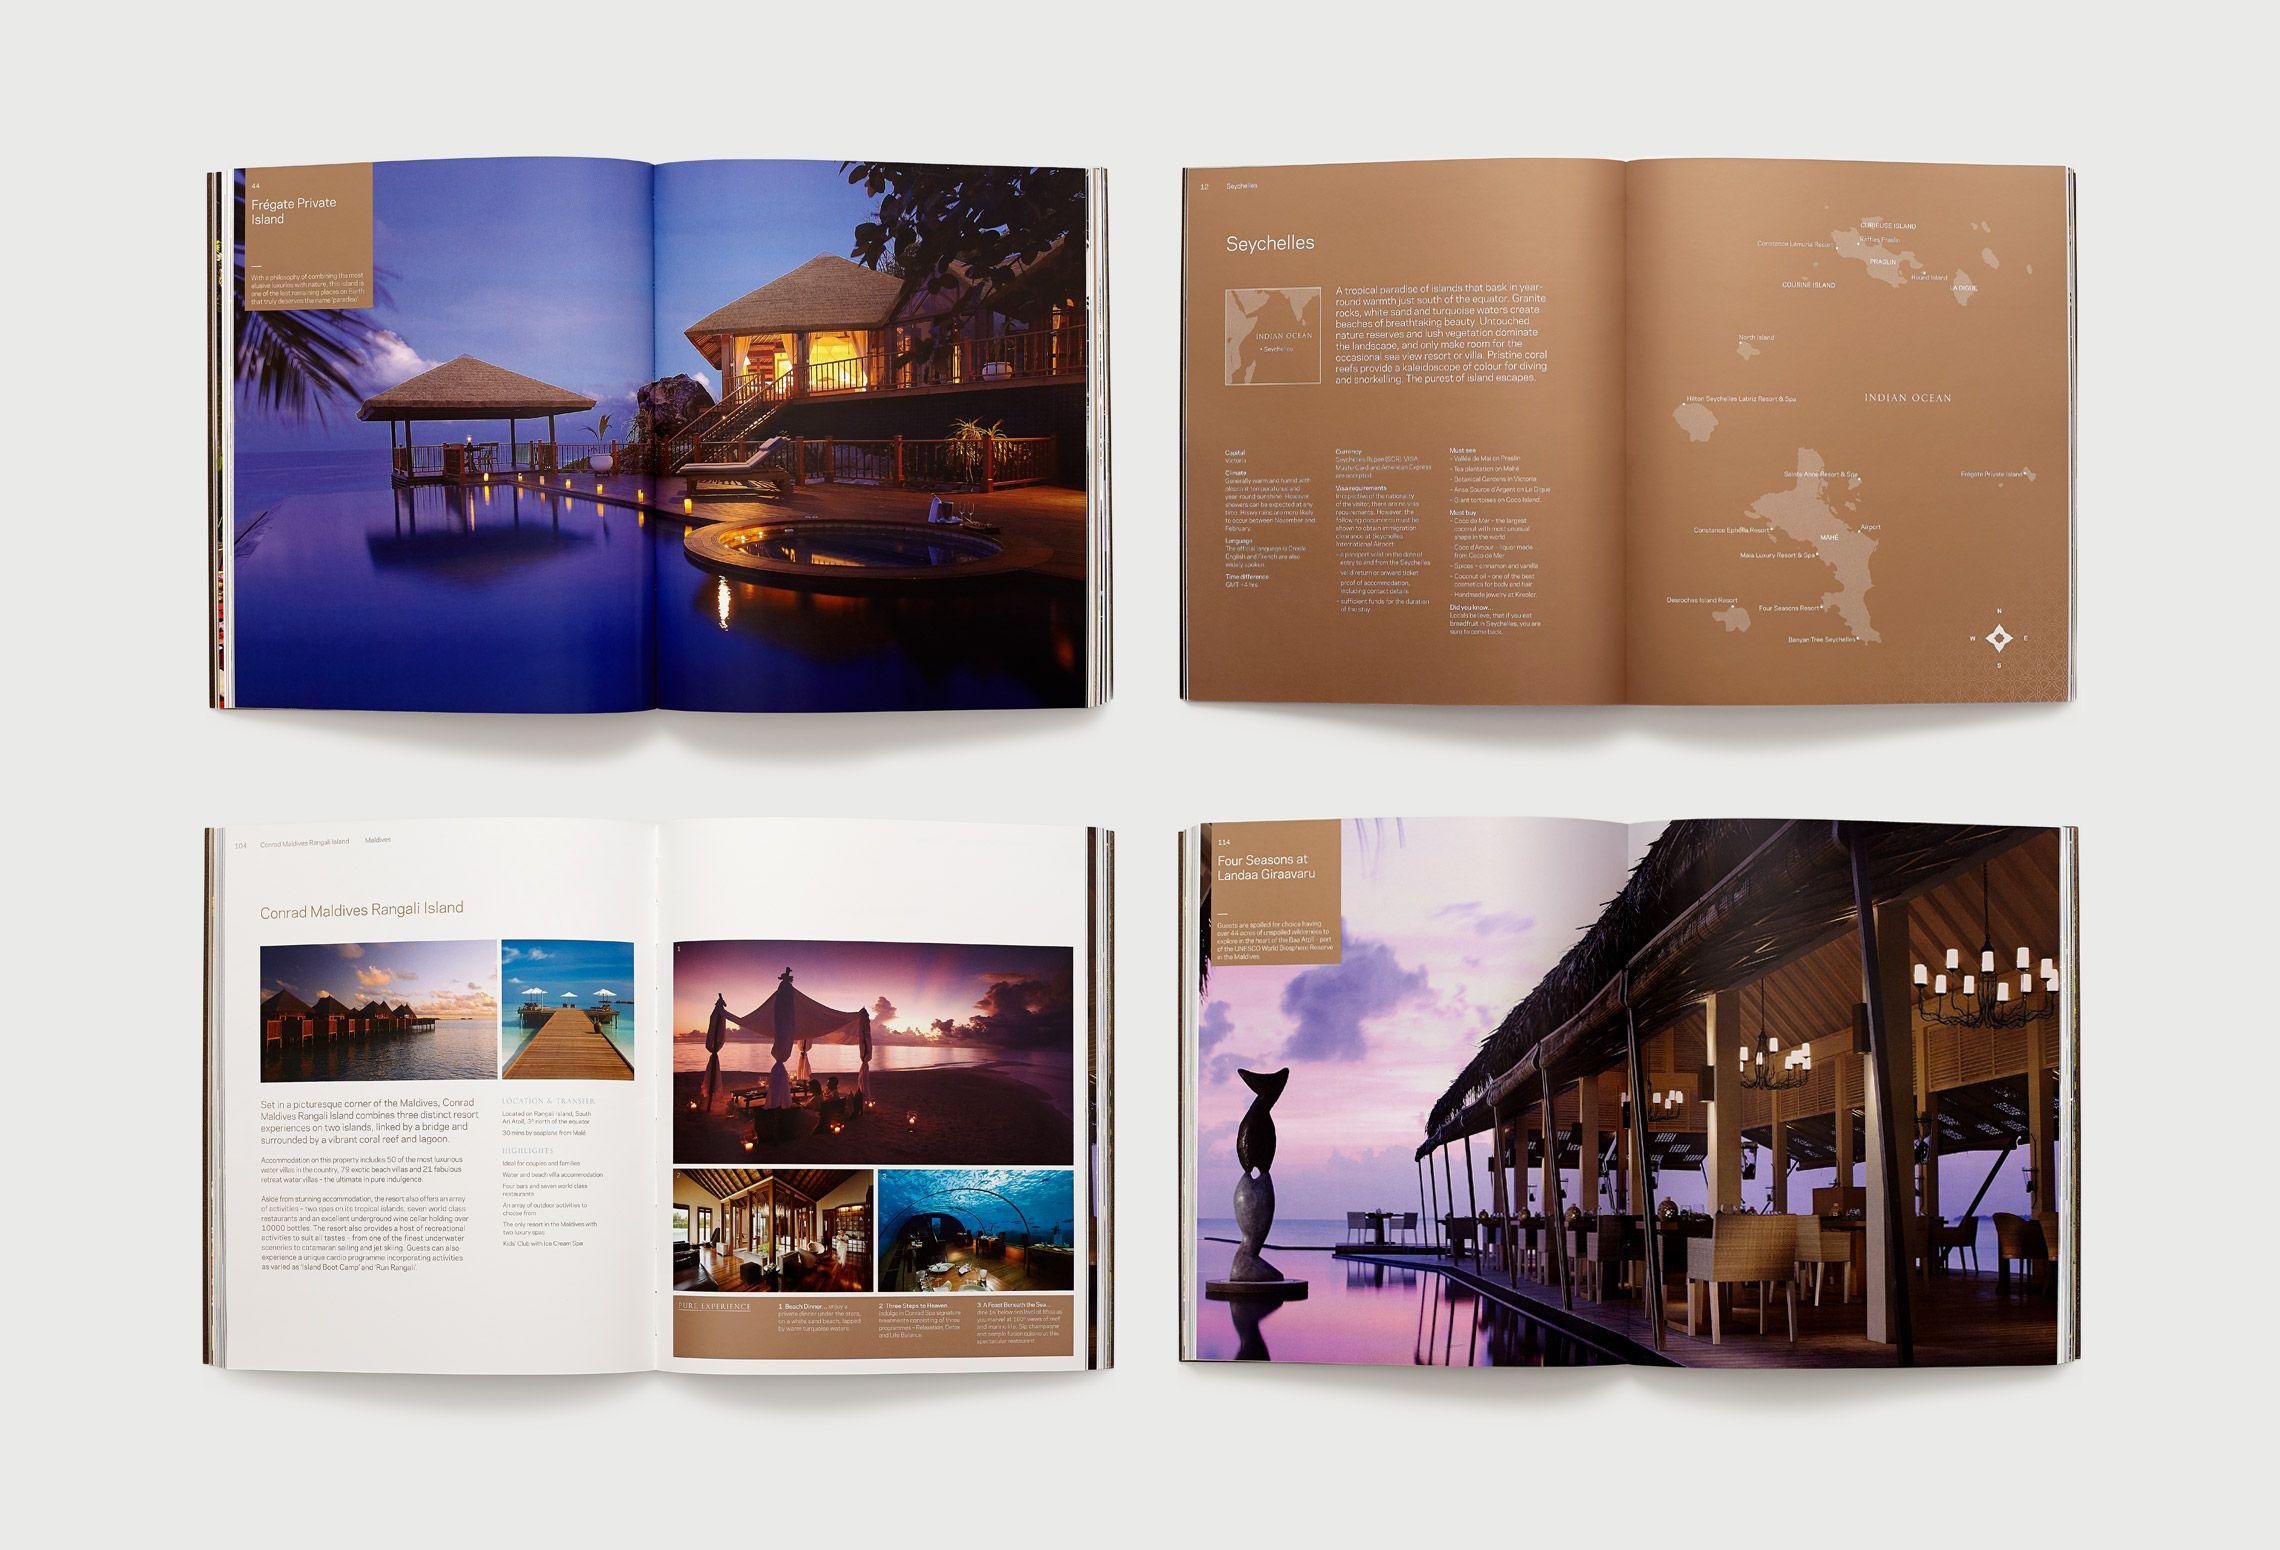 inaria luxury brand design consultants pure escapes brand identity - Design Consultant